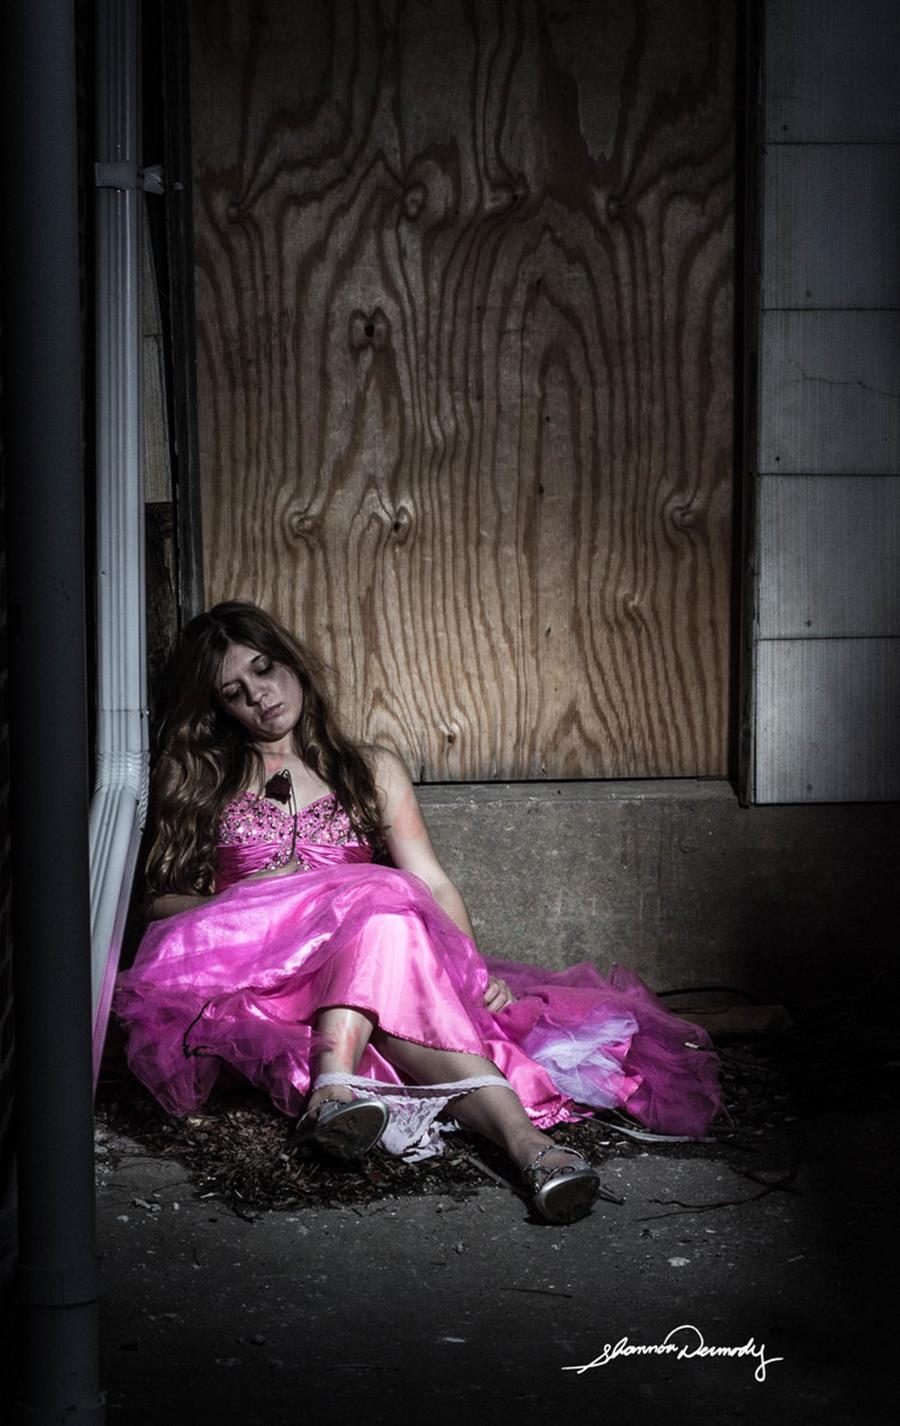 Shannon Dermody princesses Disney maux société Aurore viol